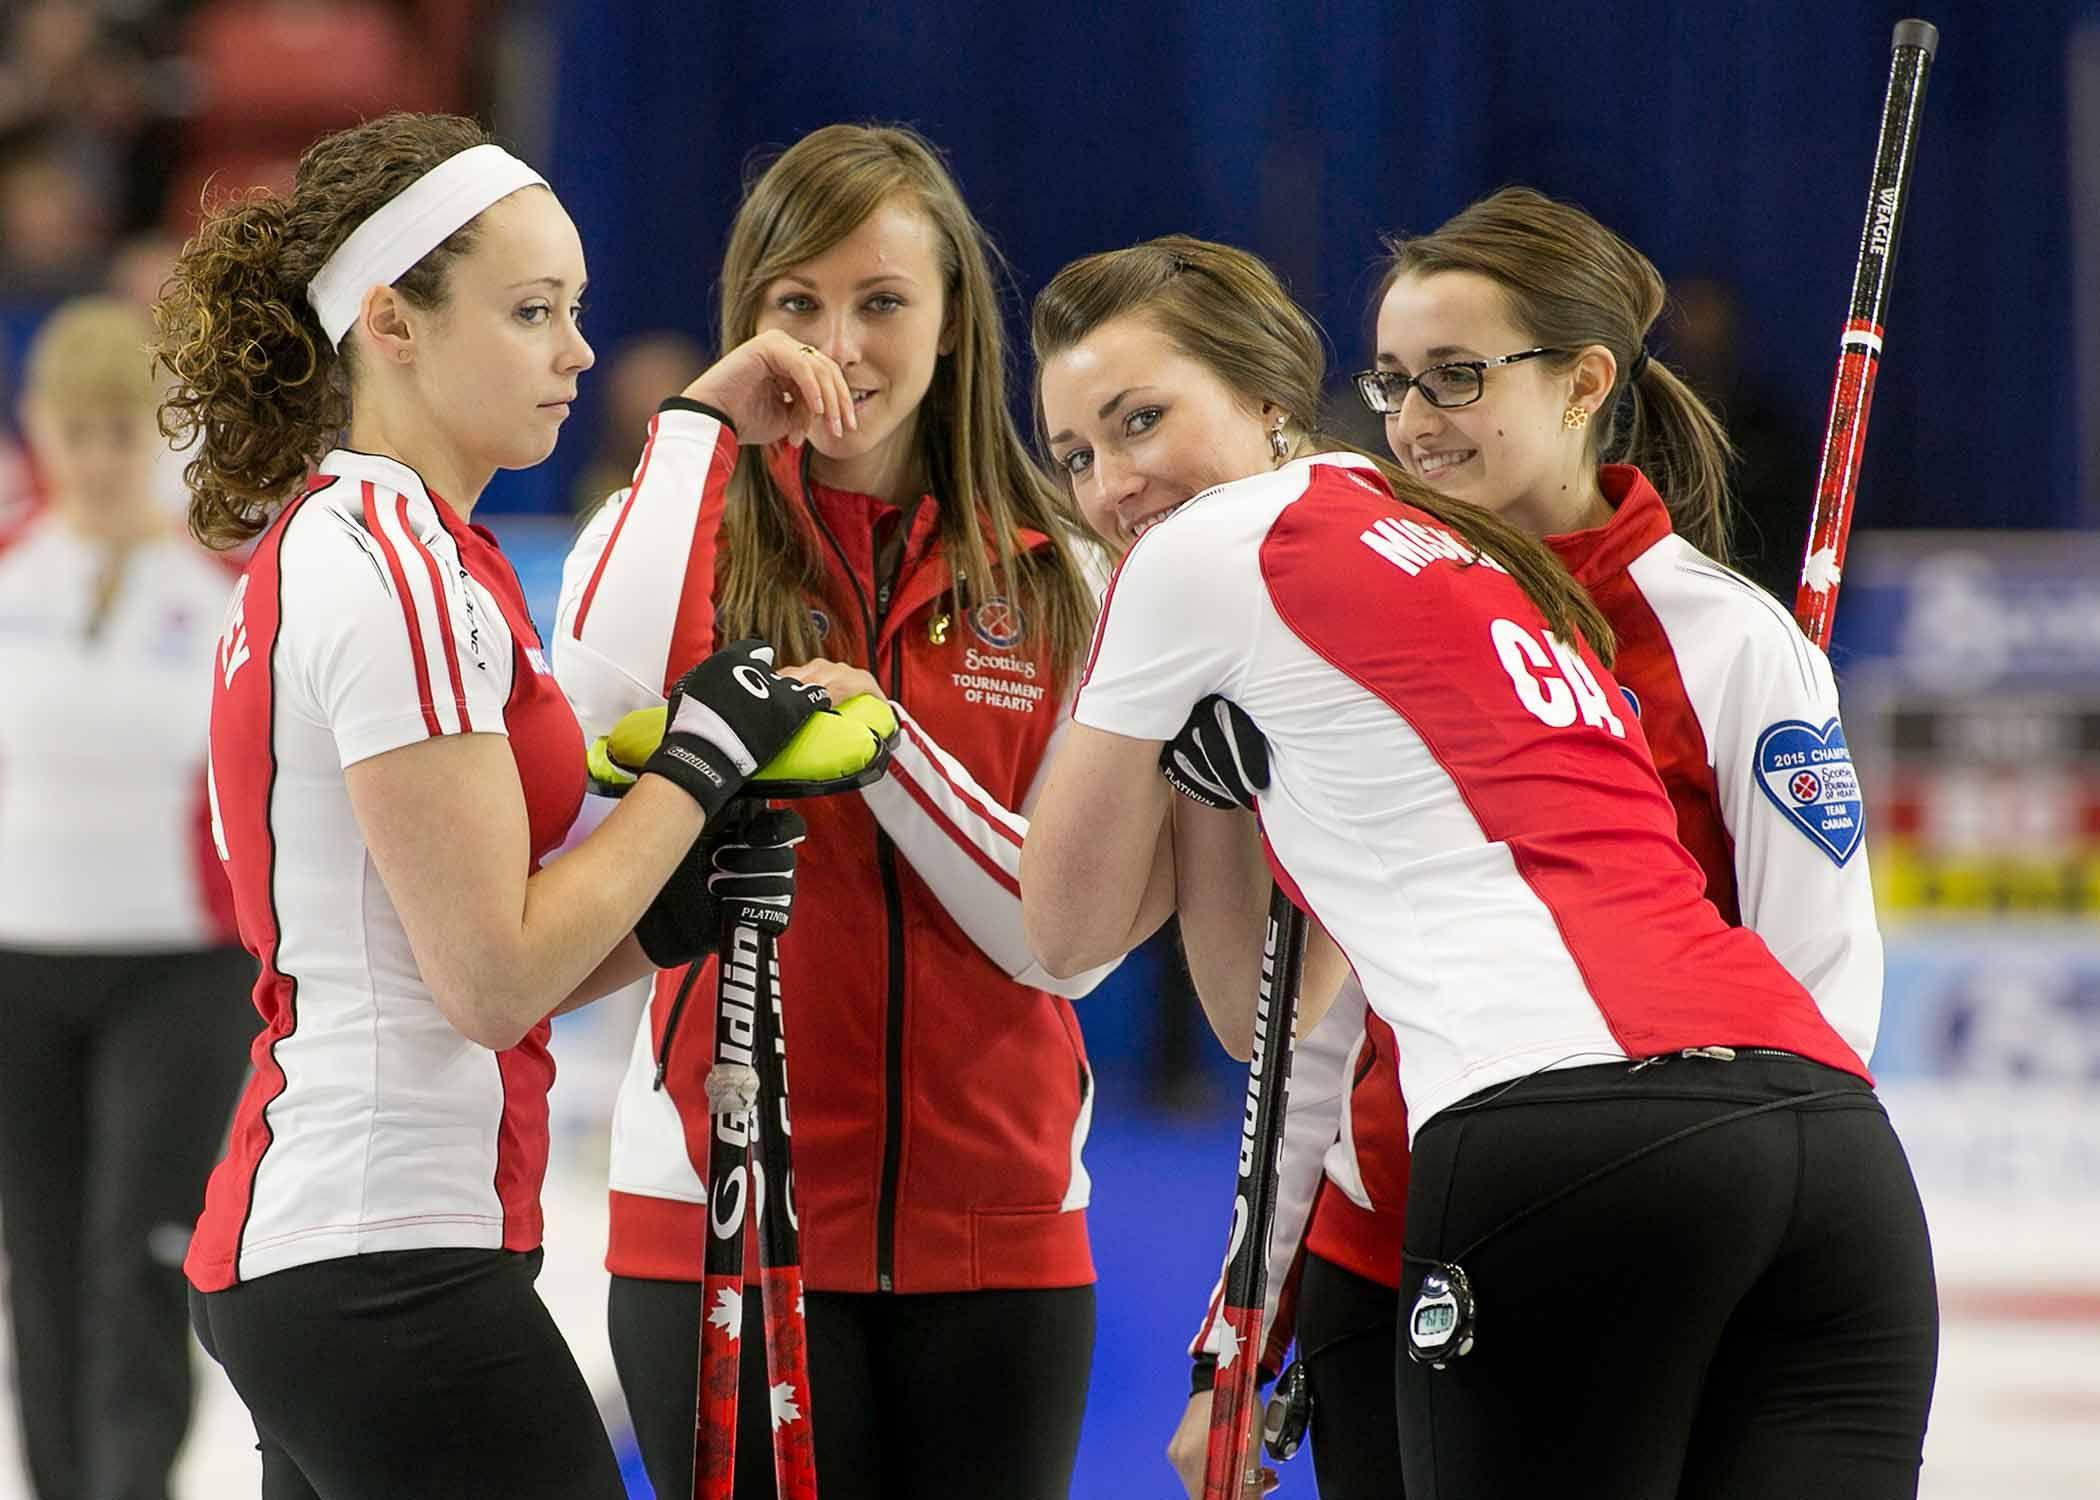 Pin by glenn deakin on sports Sports women, Athlete, Curls